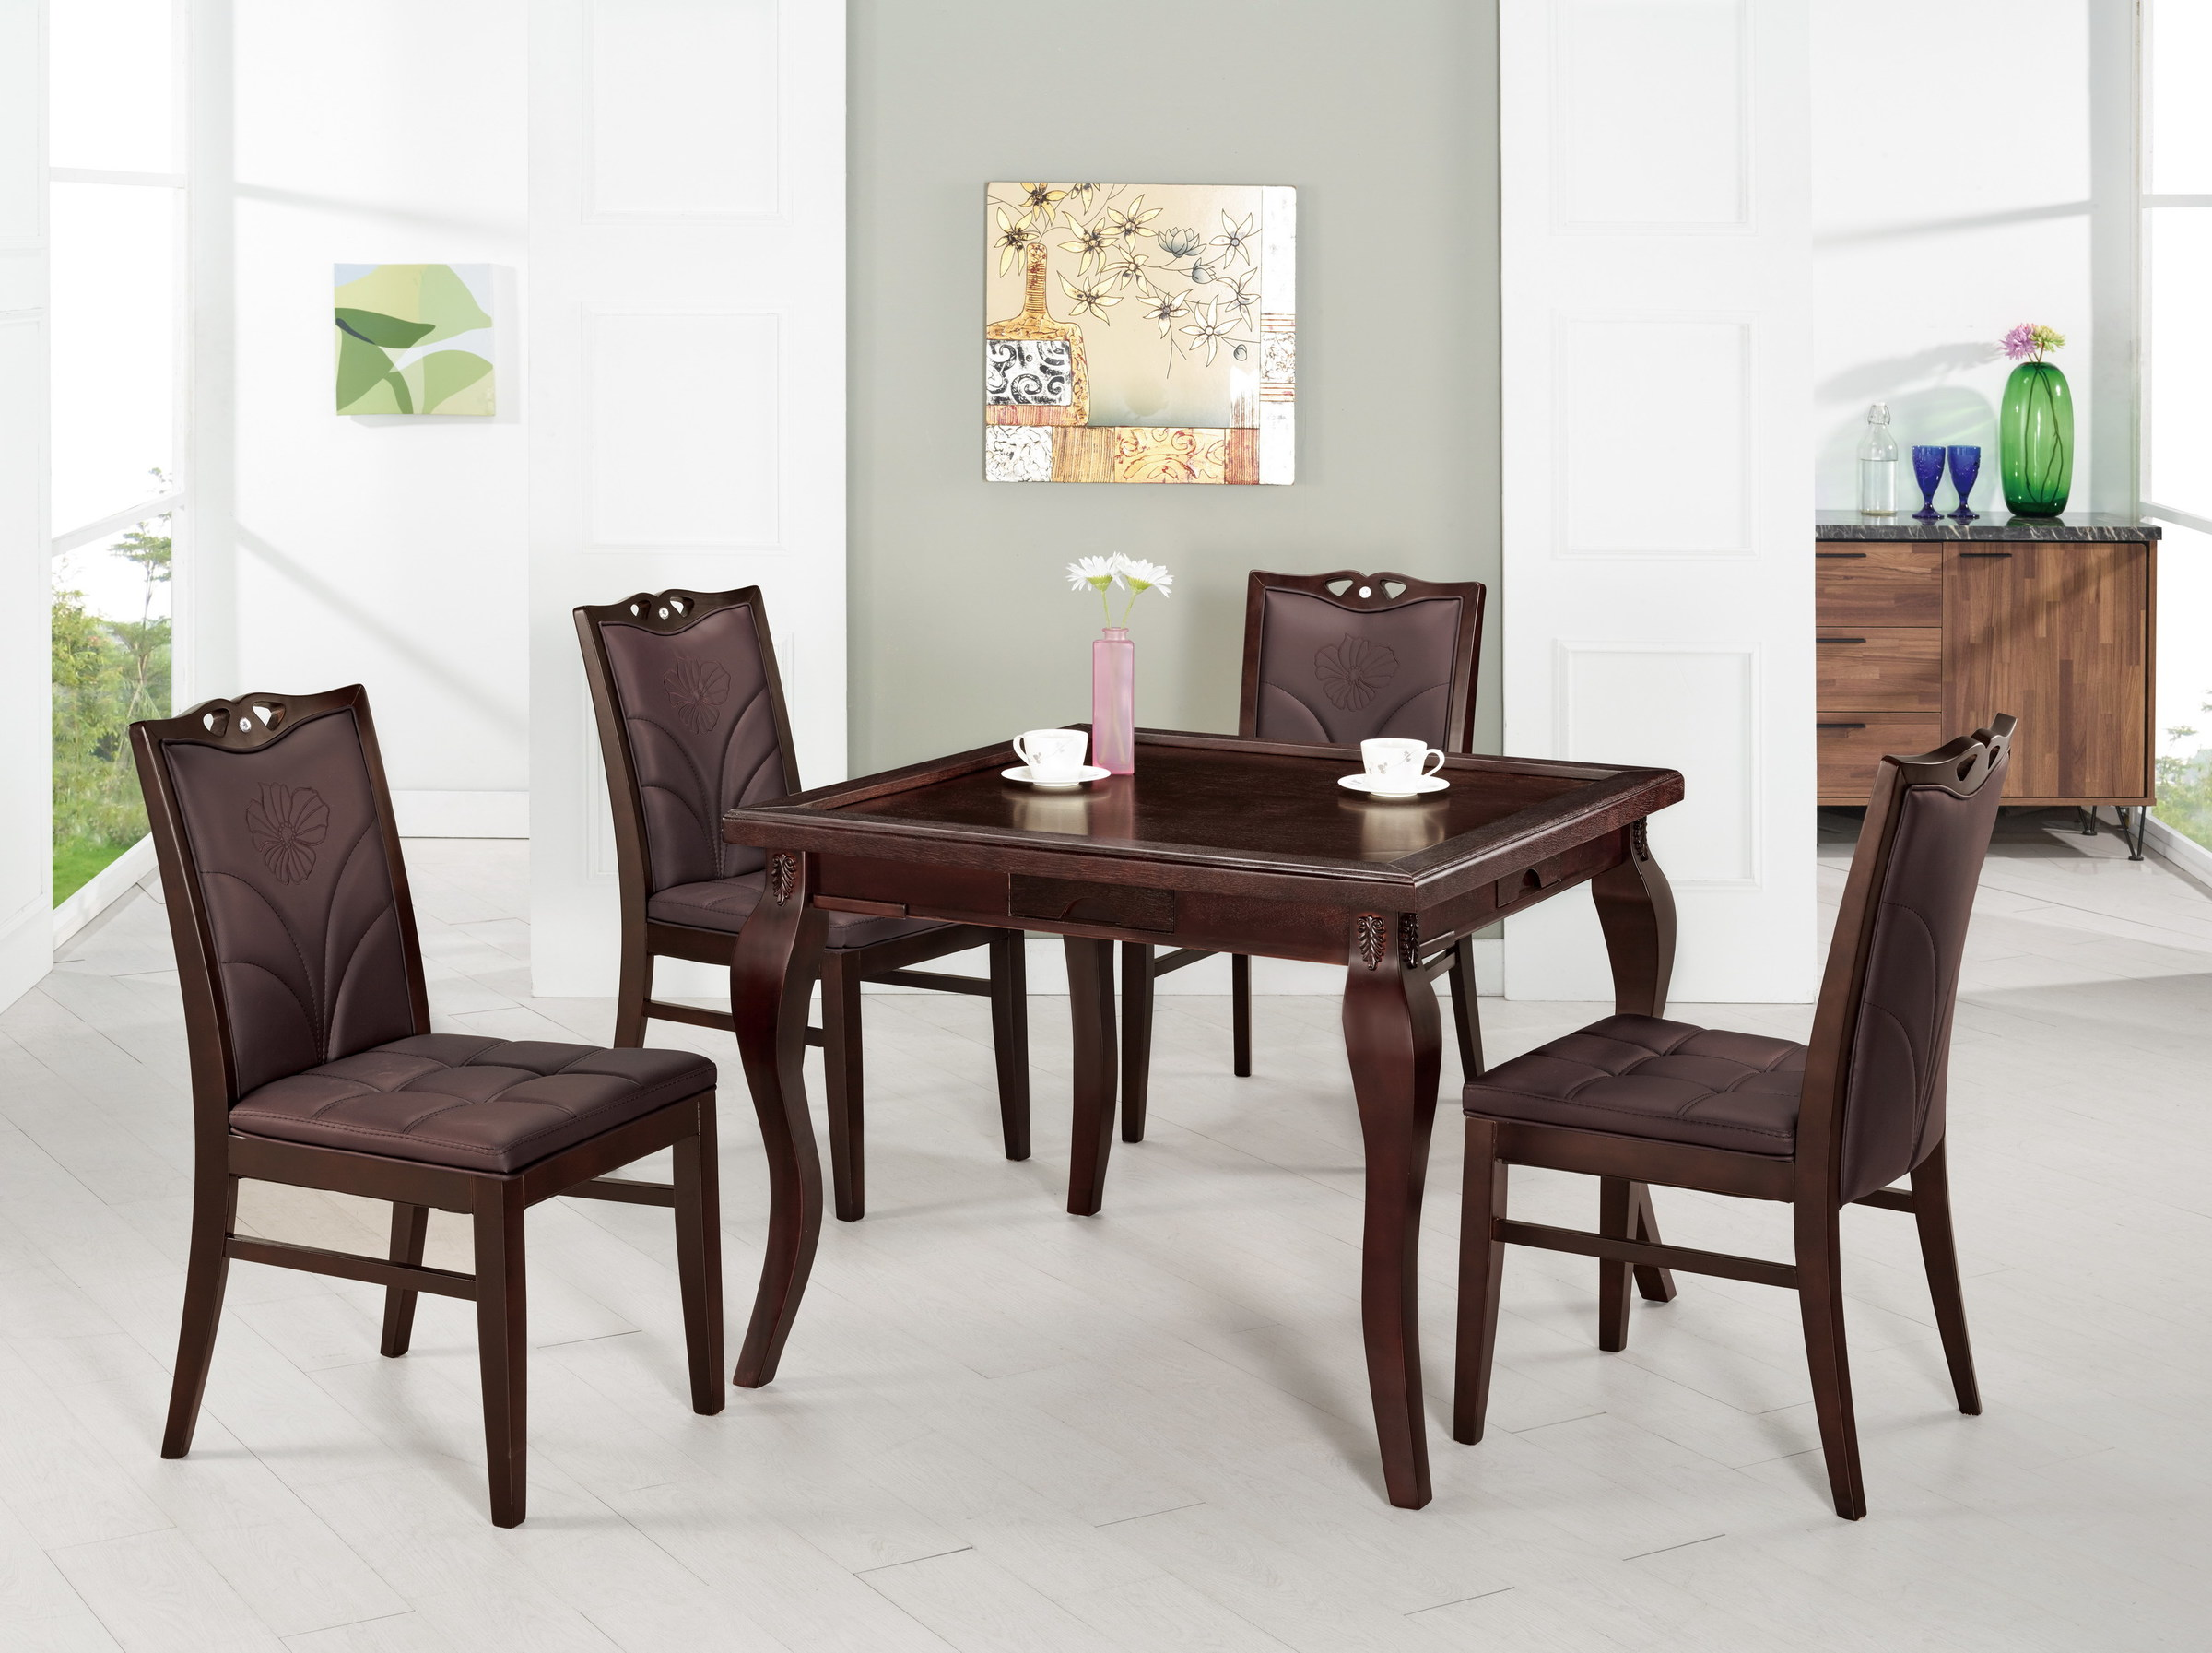 510-2 安妮德3.2尺餐桌兼麻將桌+514-14.jpg